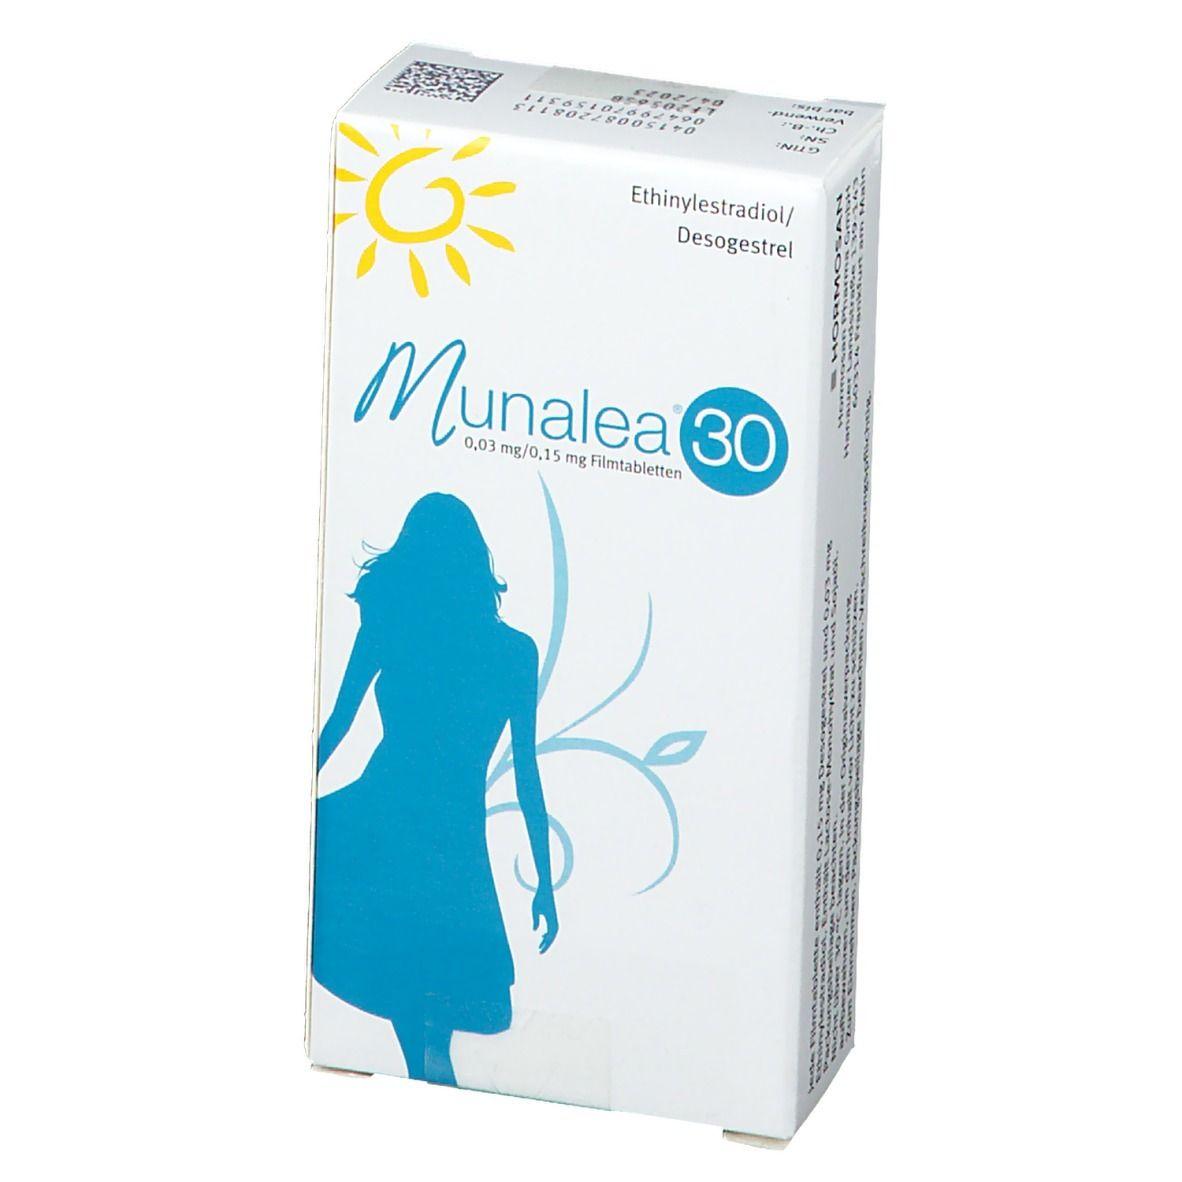 MUNALEA 30 0.03MG/0.15MG 1X21 St - shop-apotheke.com